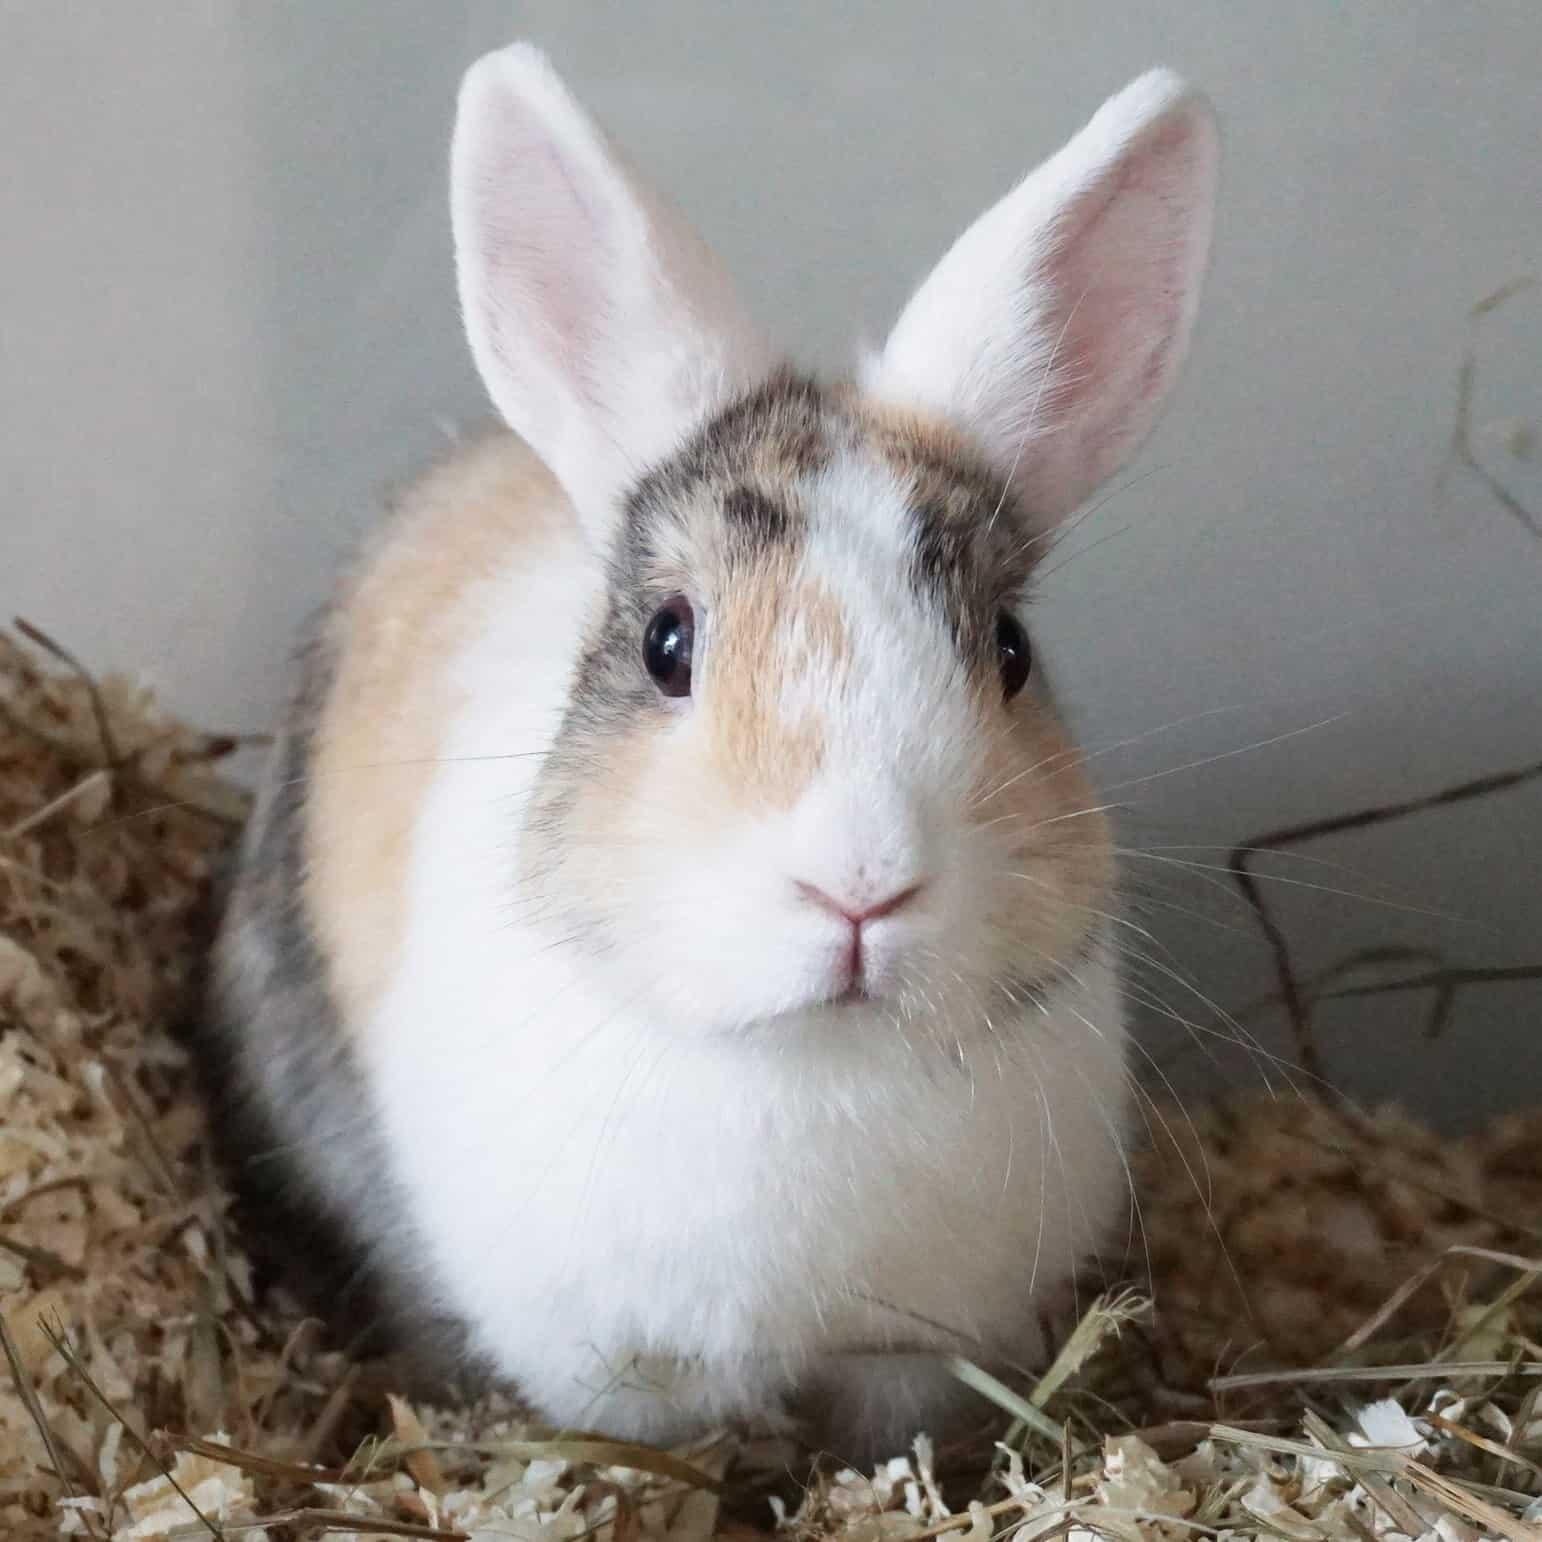 Ein Kaninchen sitzt auf Heu.